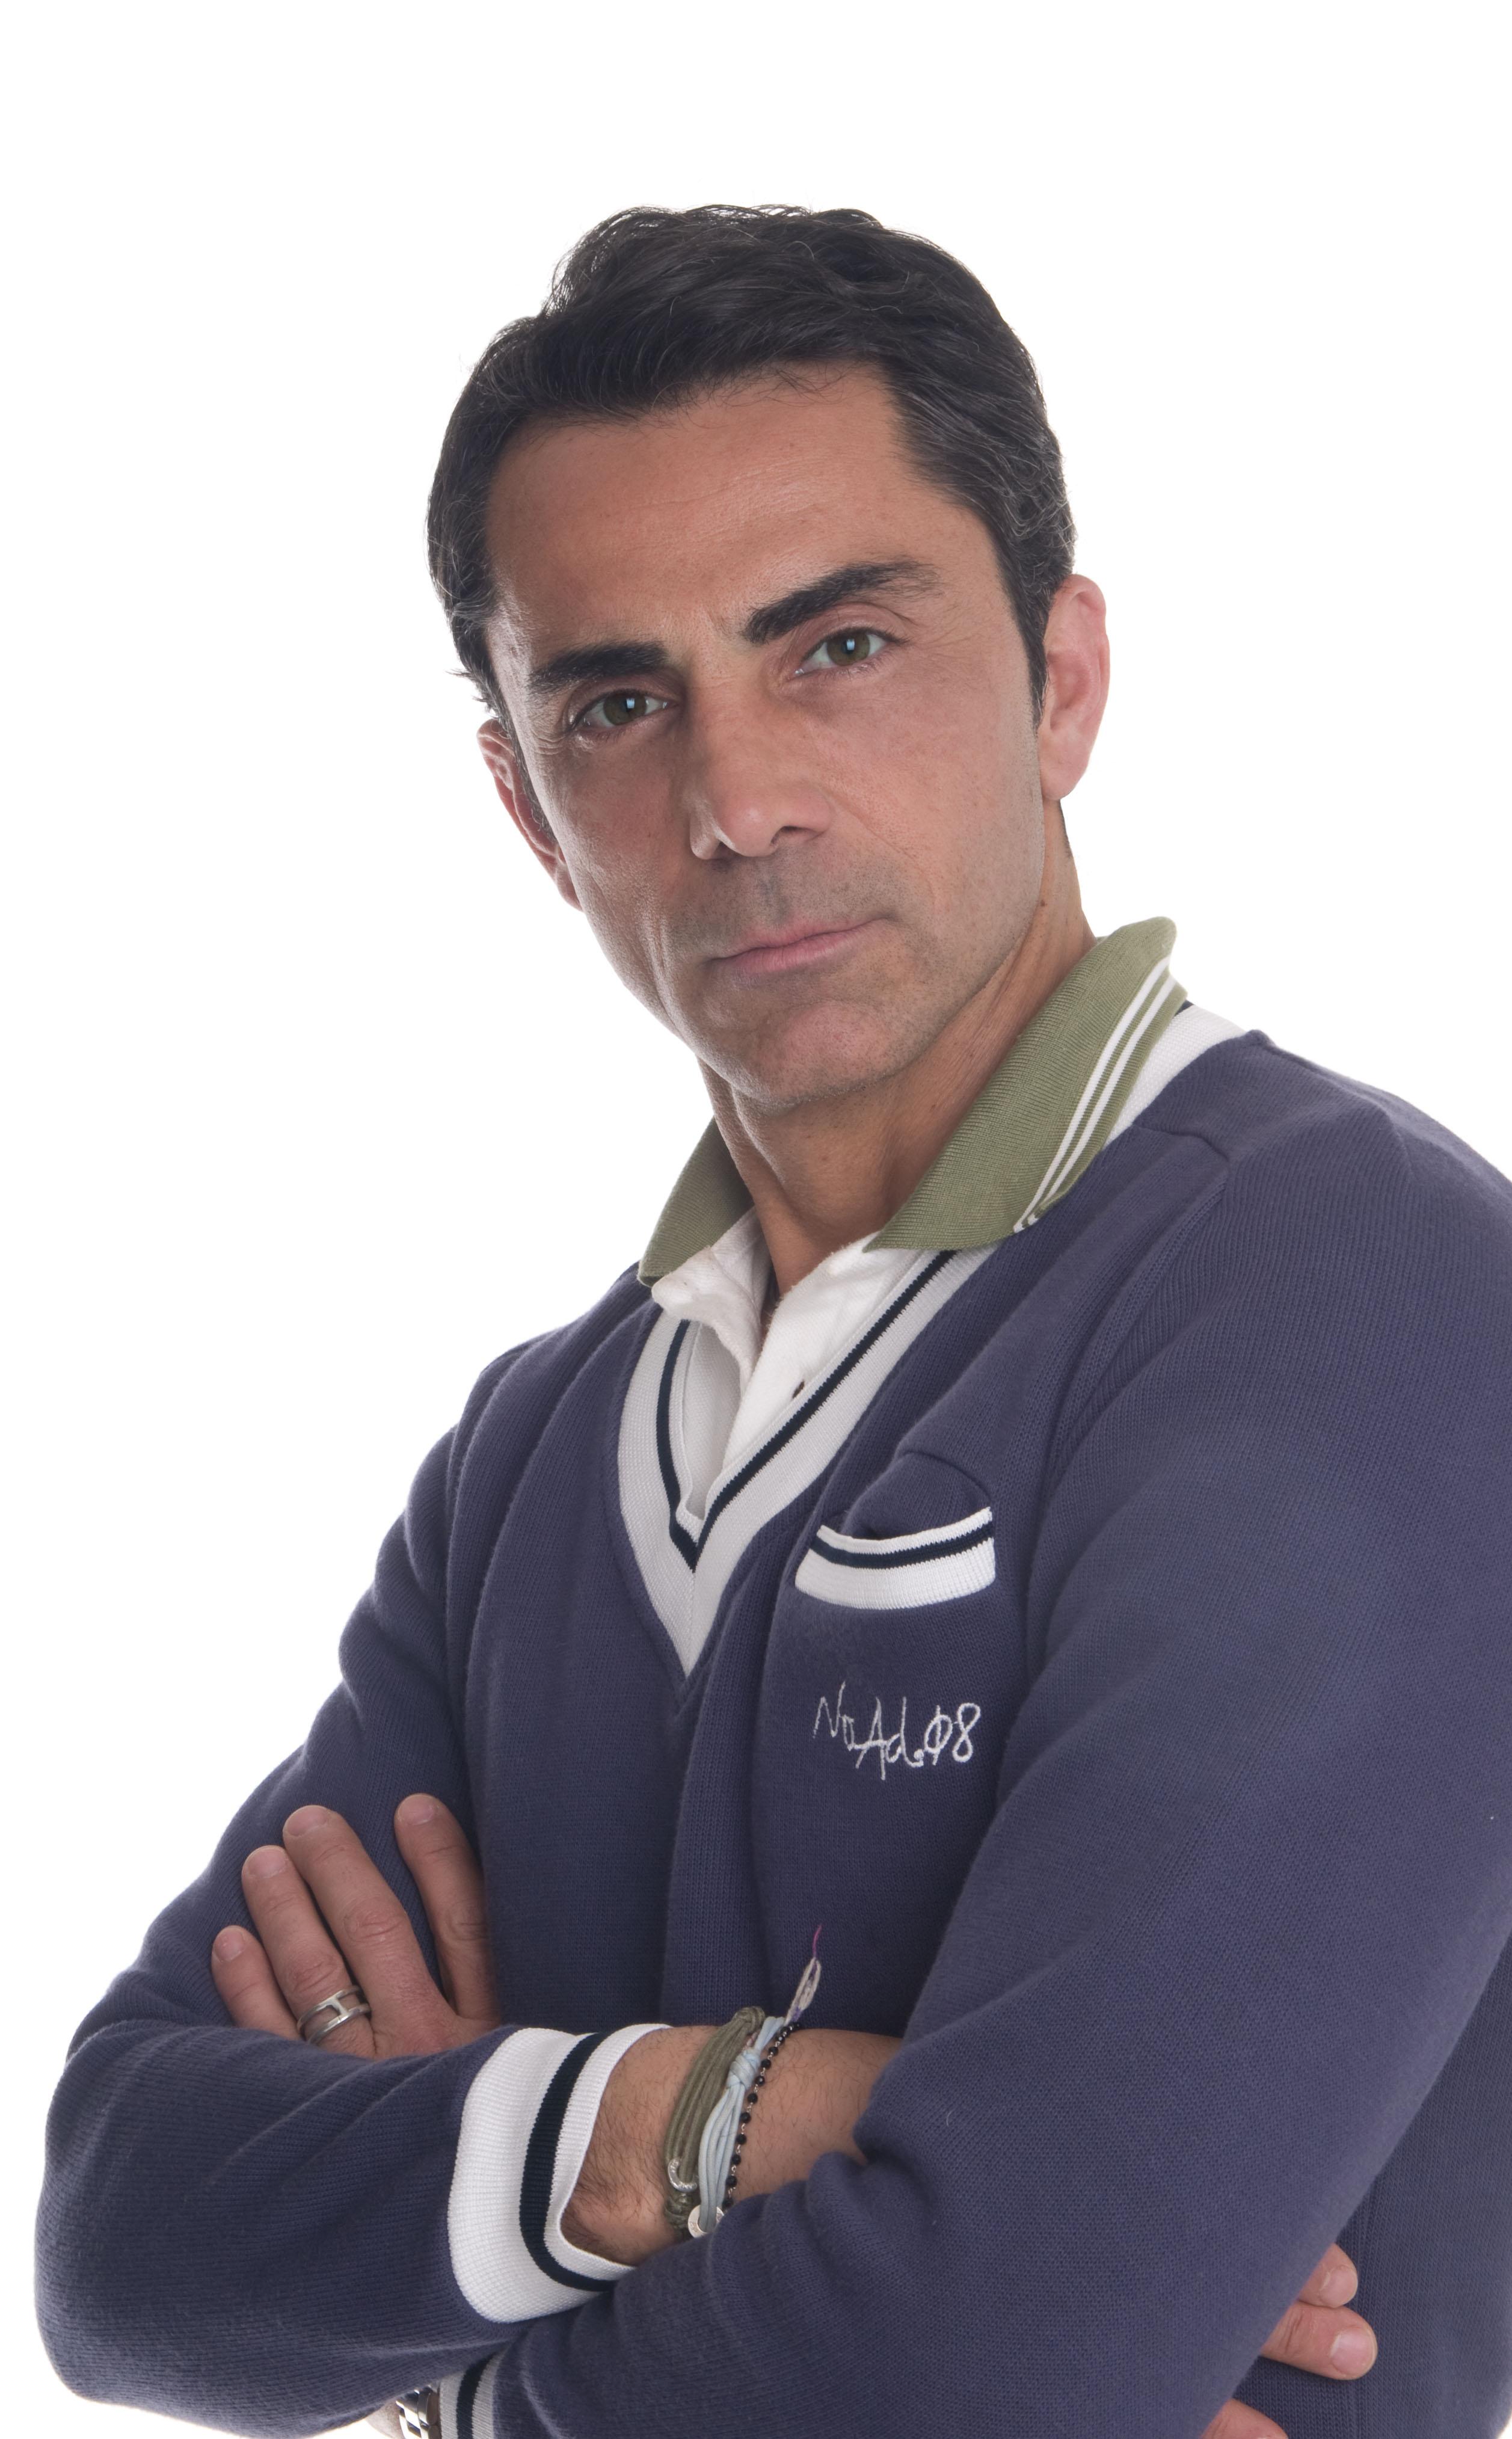 Antonio Altobelli